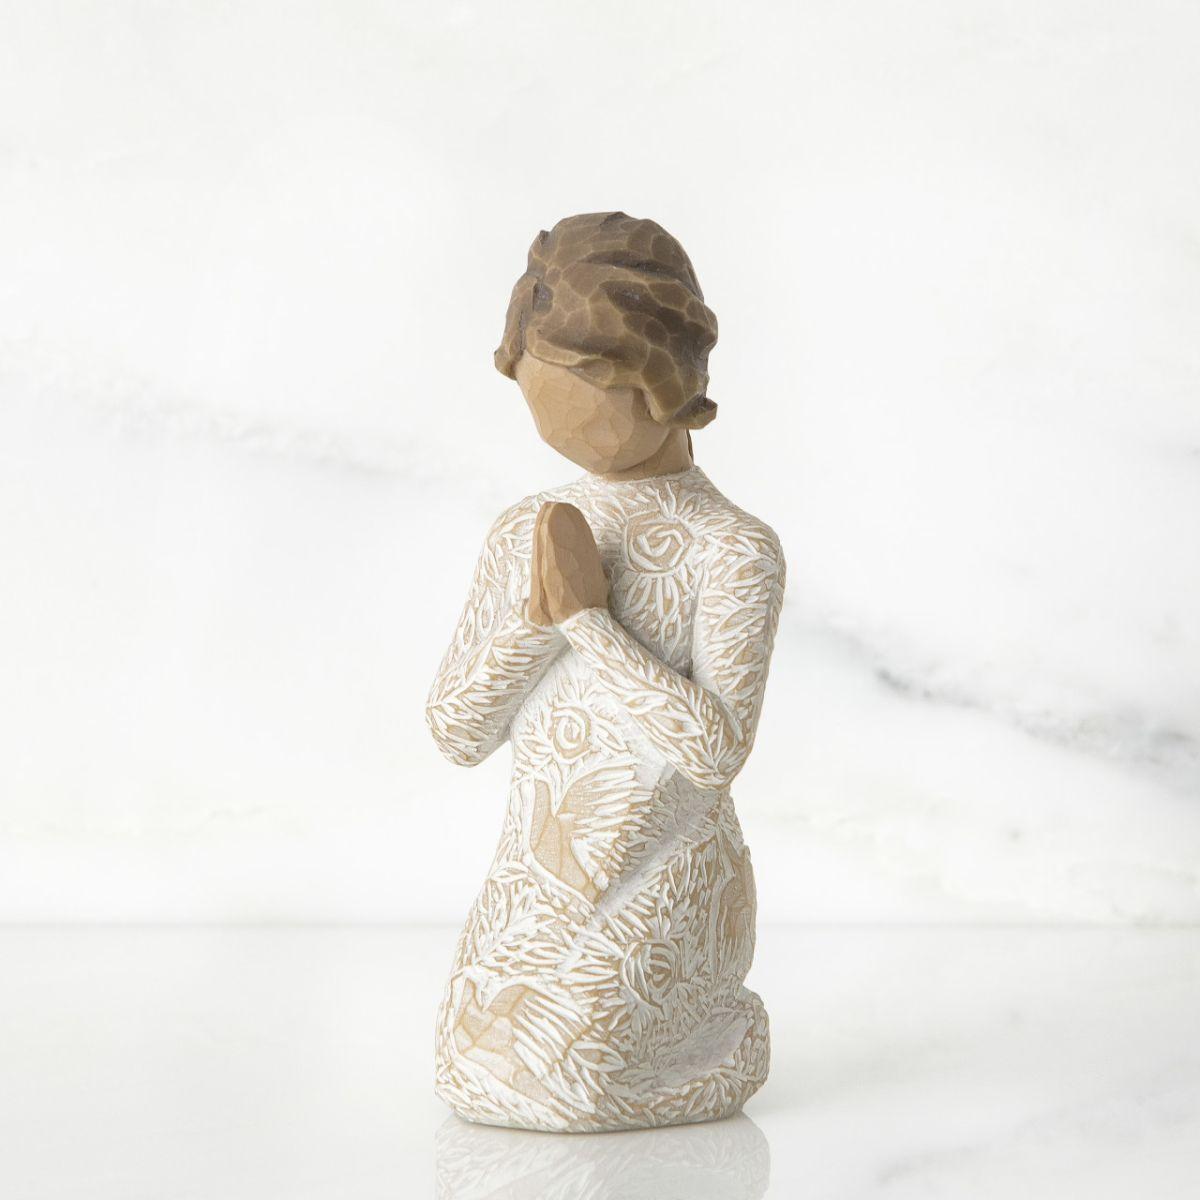 ウィローツリー彫像 【Prayer of Peace】 - 静かな祈り